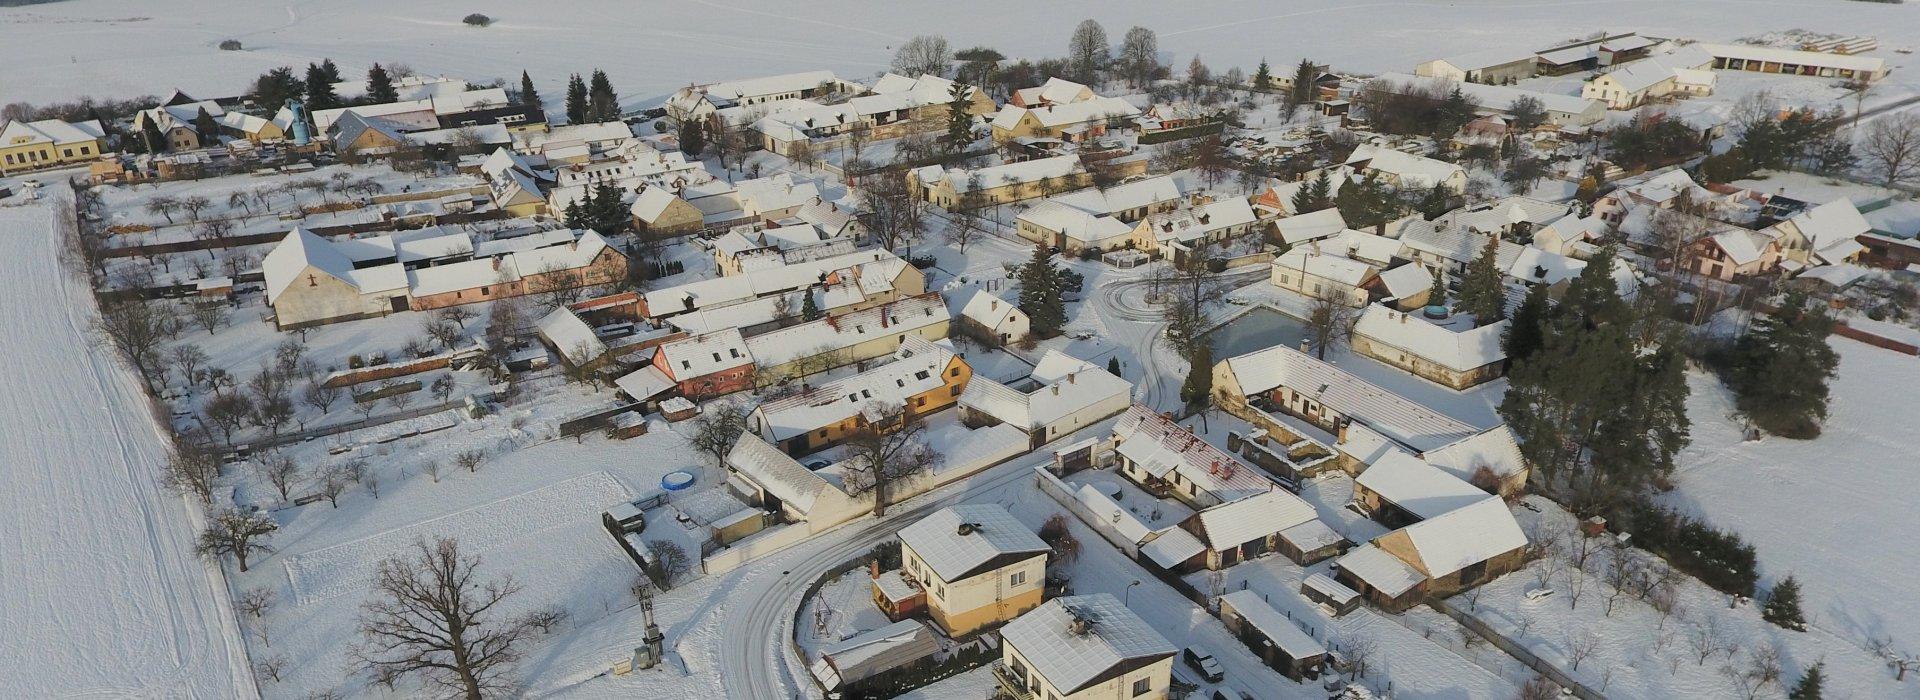 Haškovcova Lhota - Zima 2020